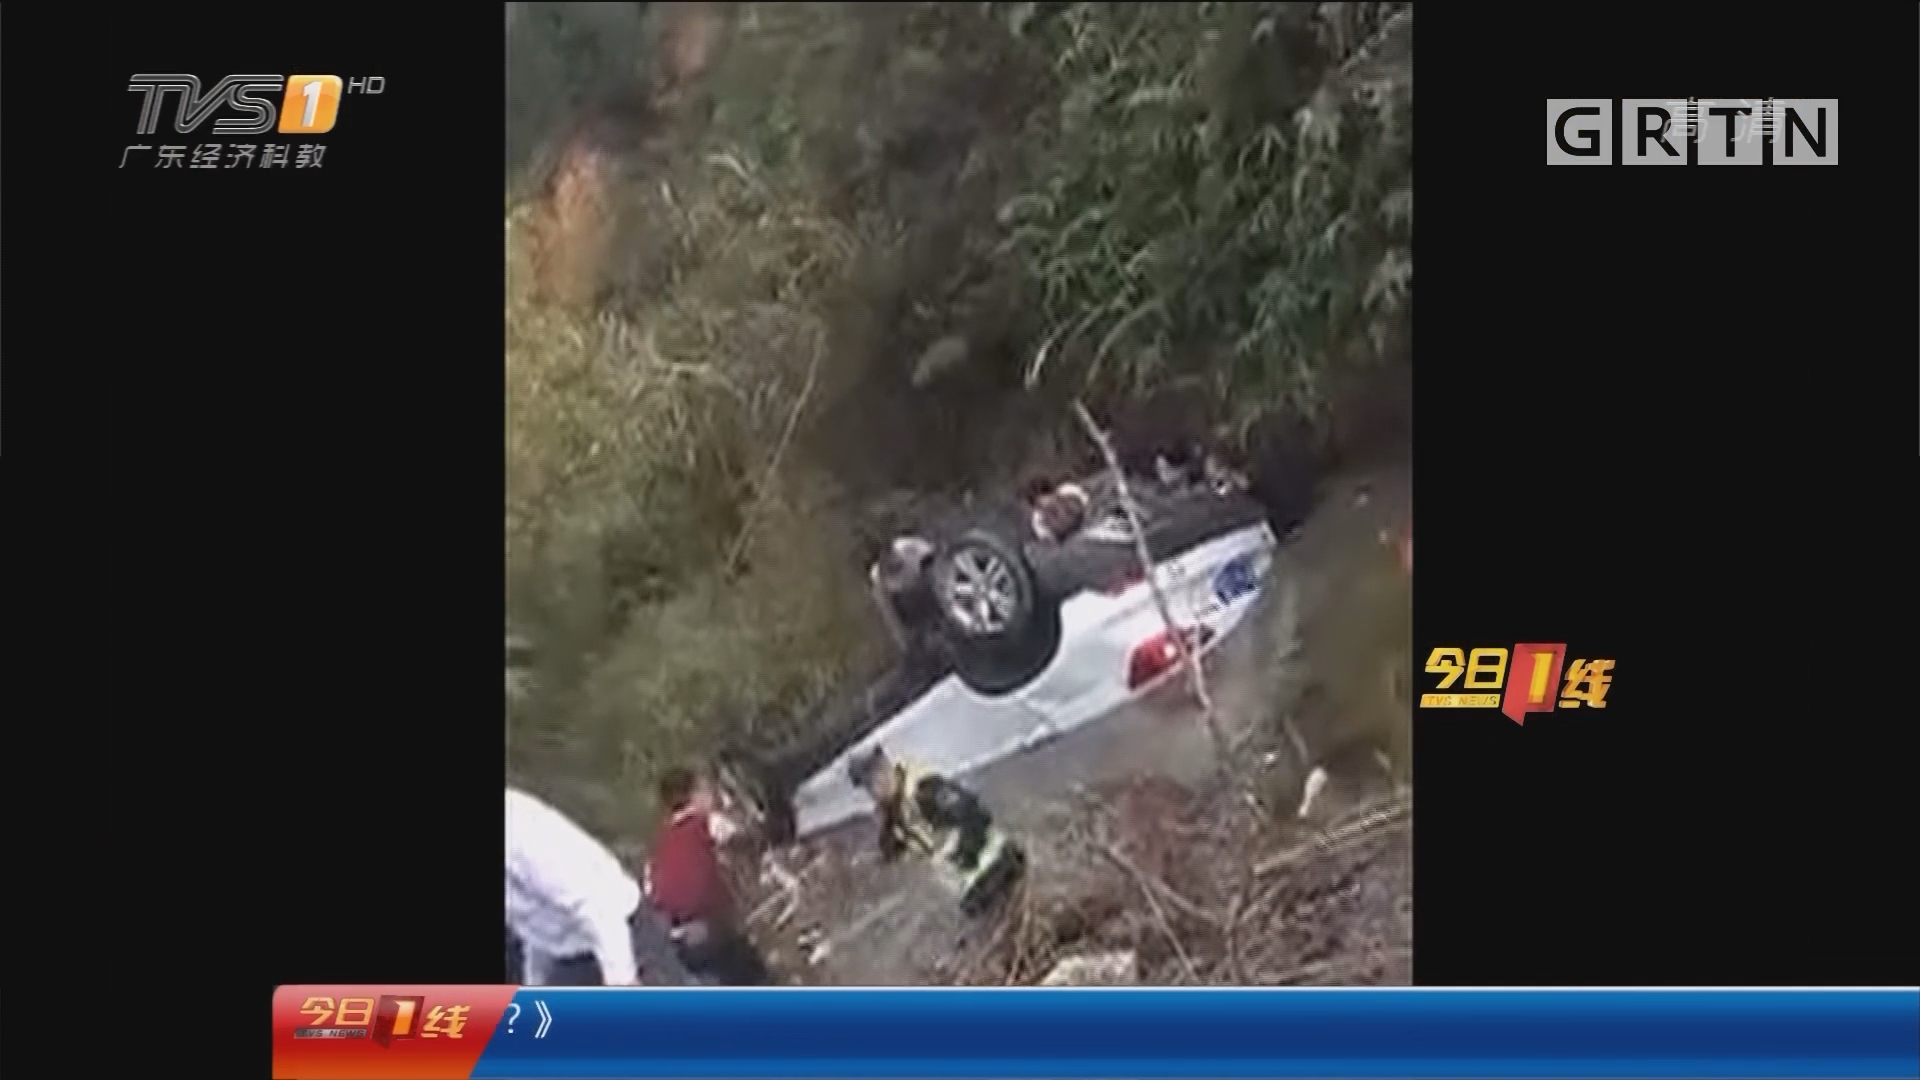 河源:汽车翻入水塘 警民跳水砸窗救人